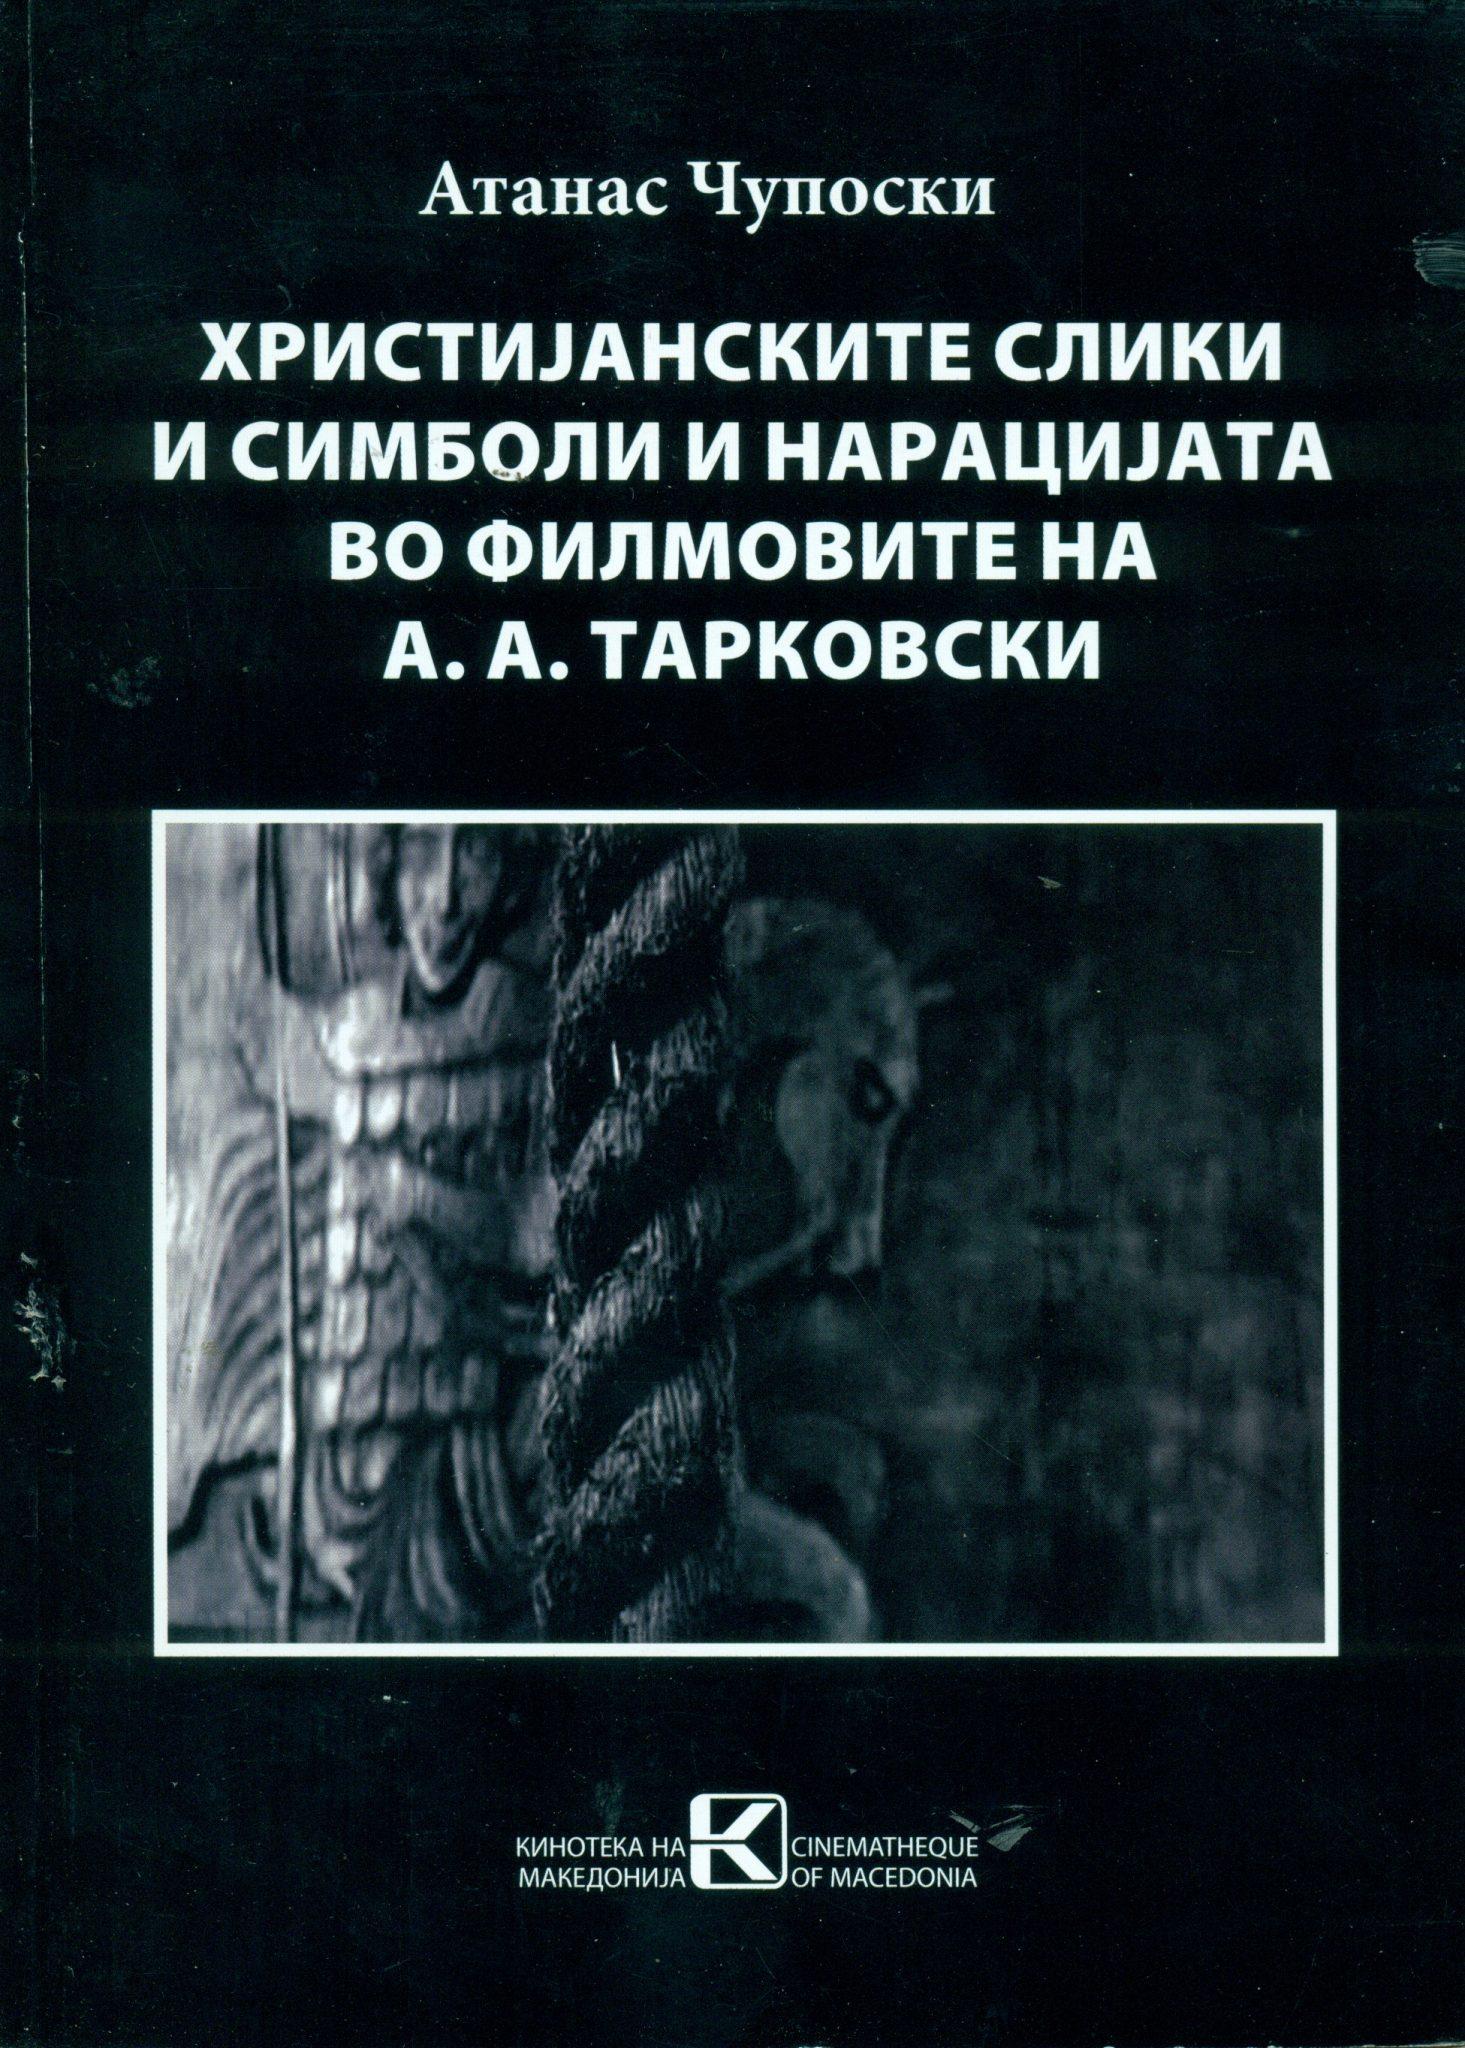 Христијанските слики и симболи и нарацијата во филмовите на А. А. Тарковски  (Андреј Рубљов, Сталкер, Жертвопринесување)